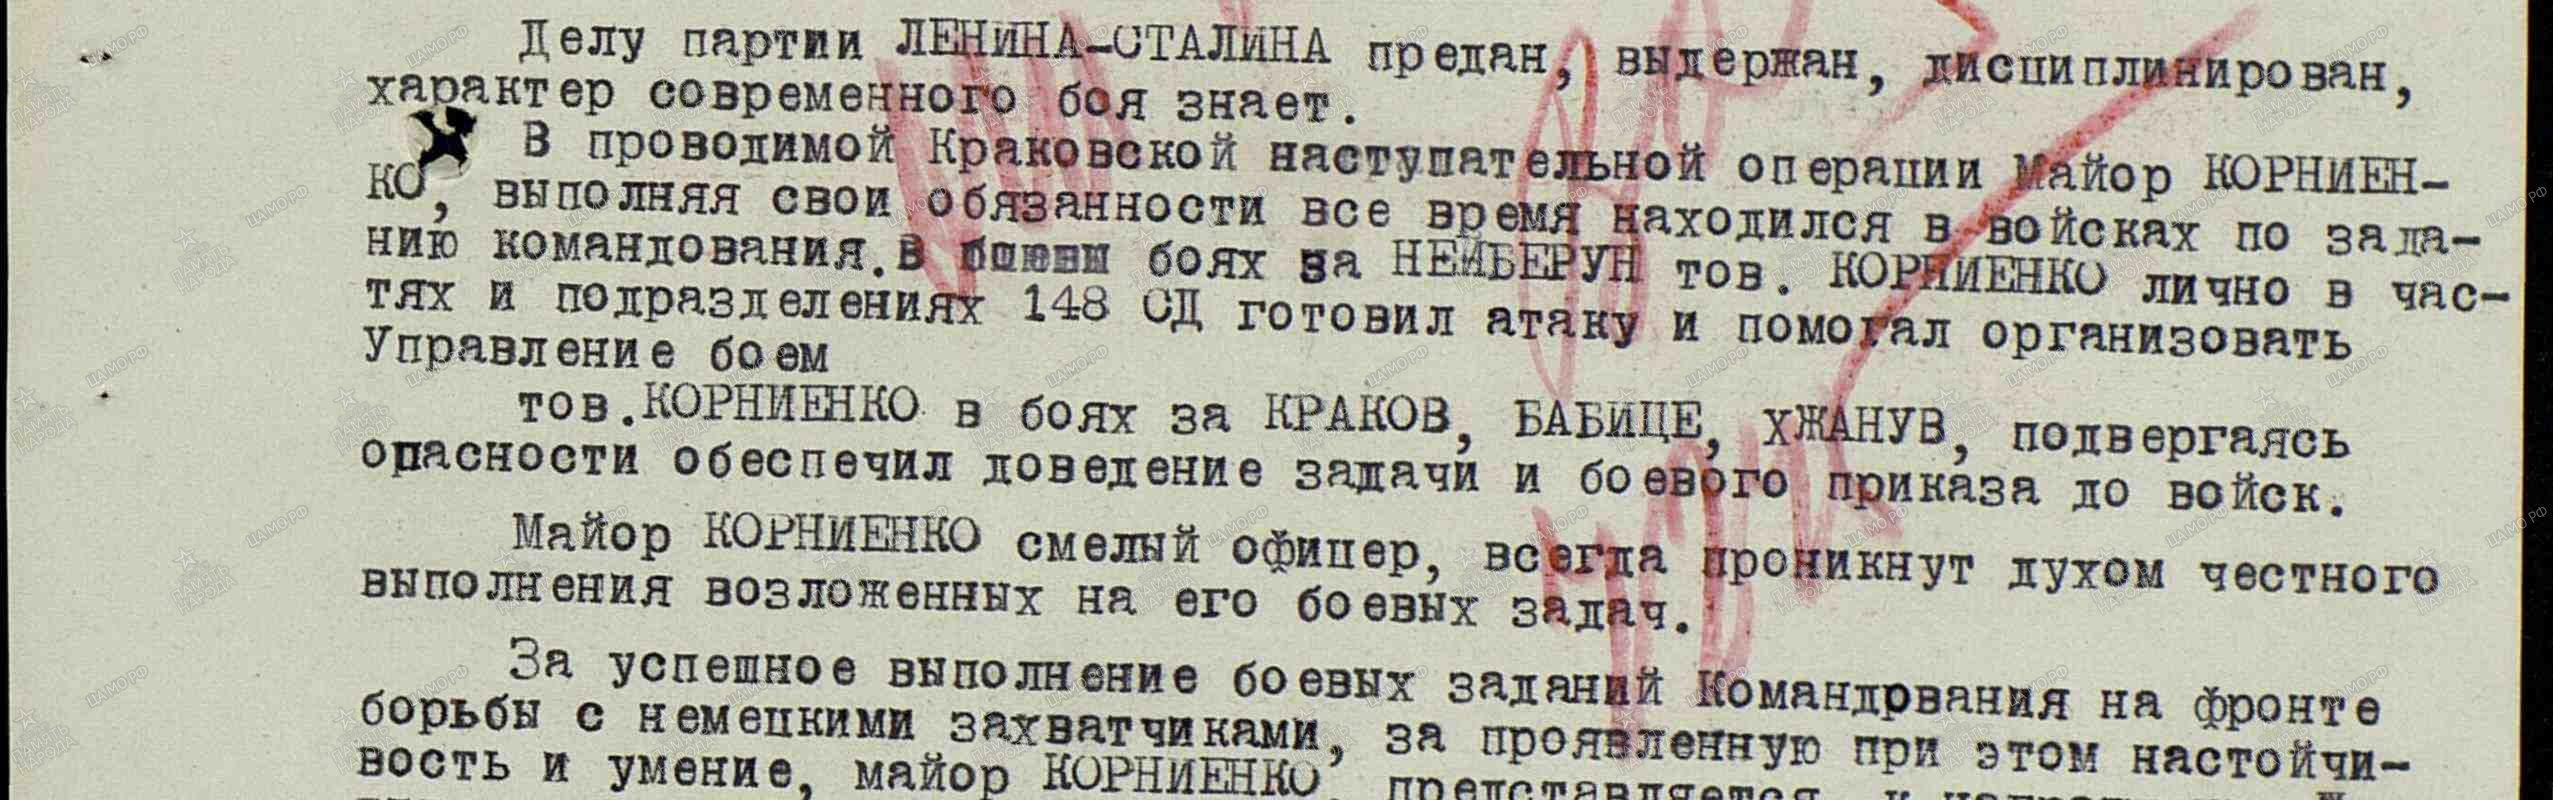 Корниенко-описание подвига